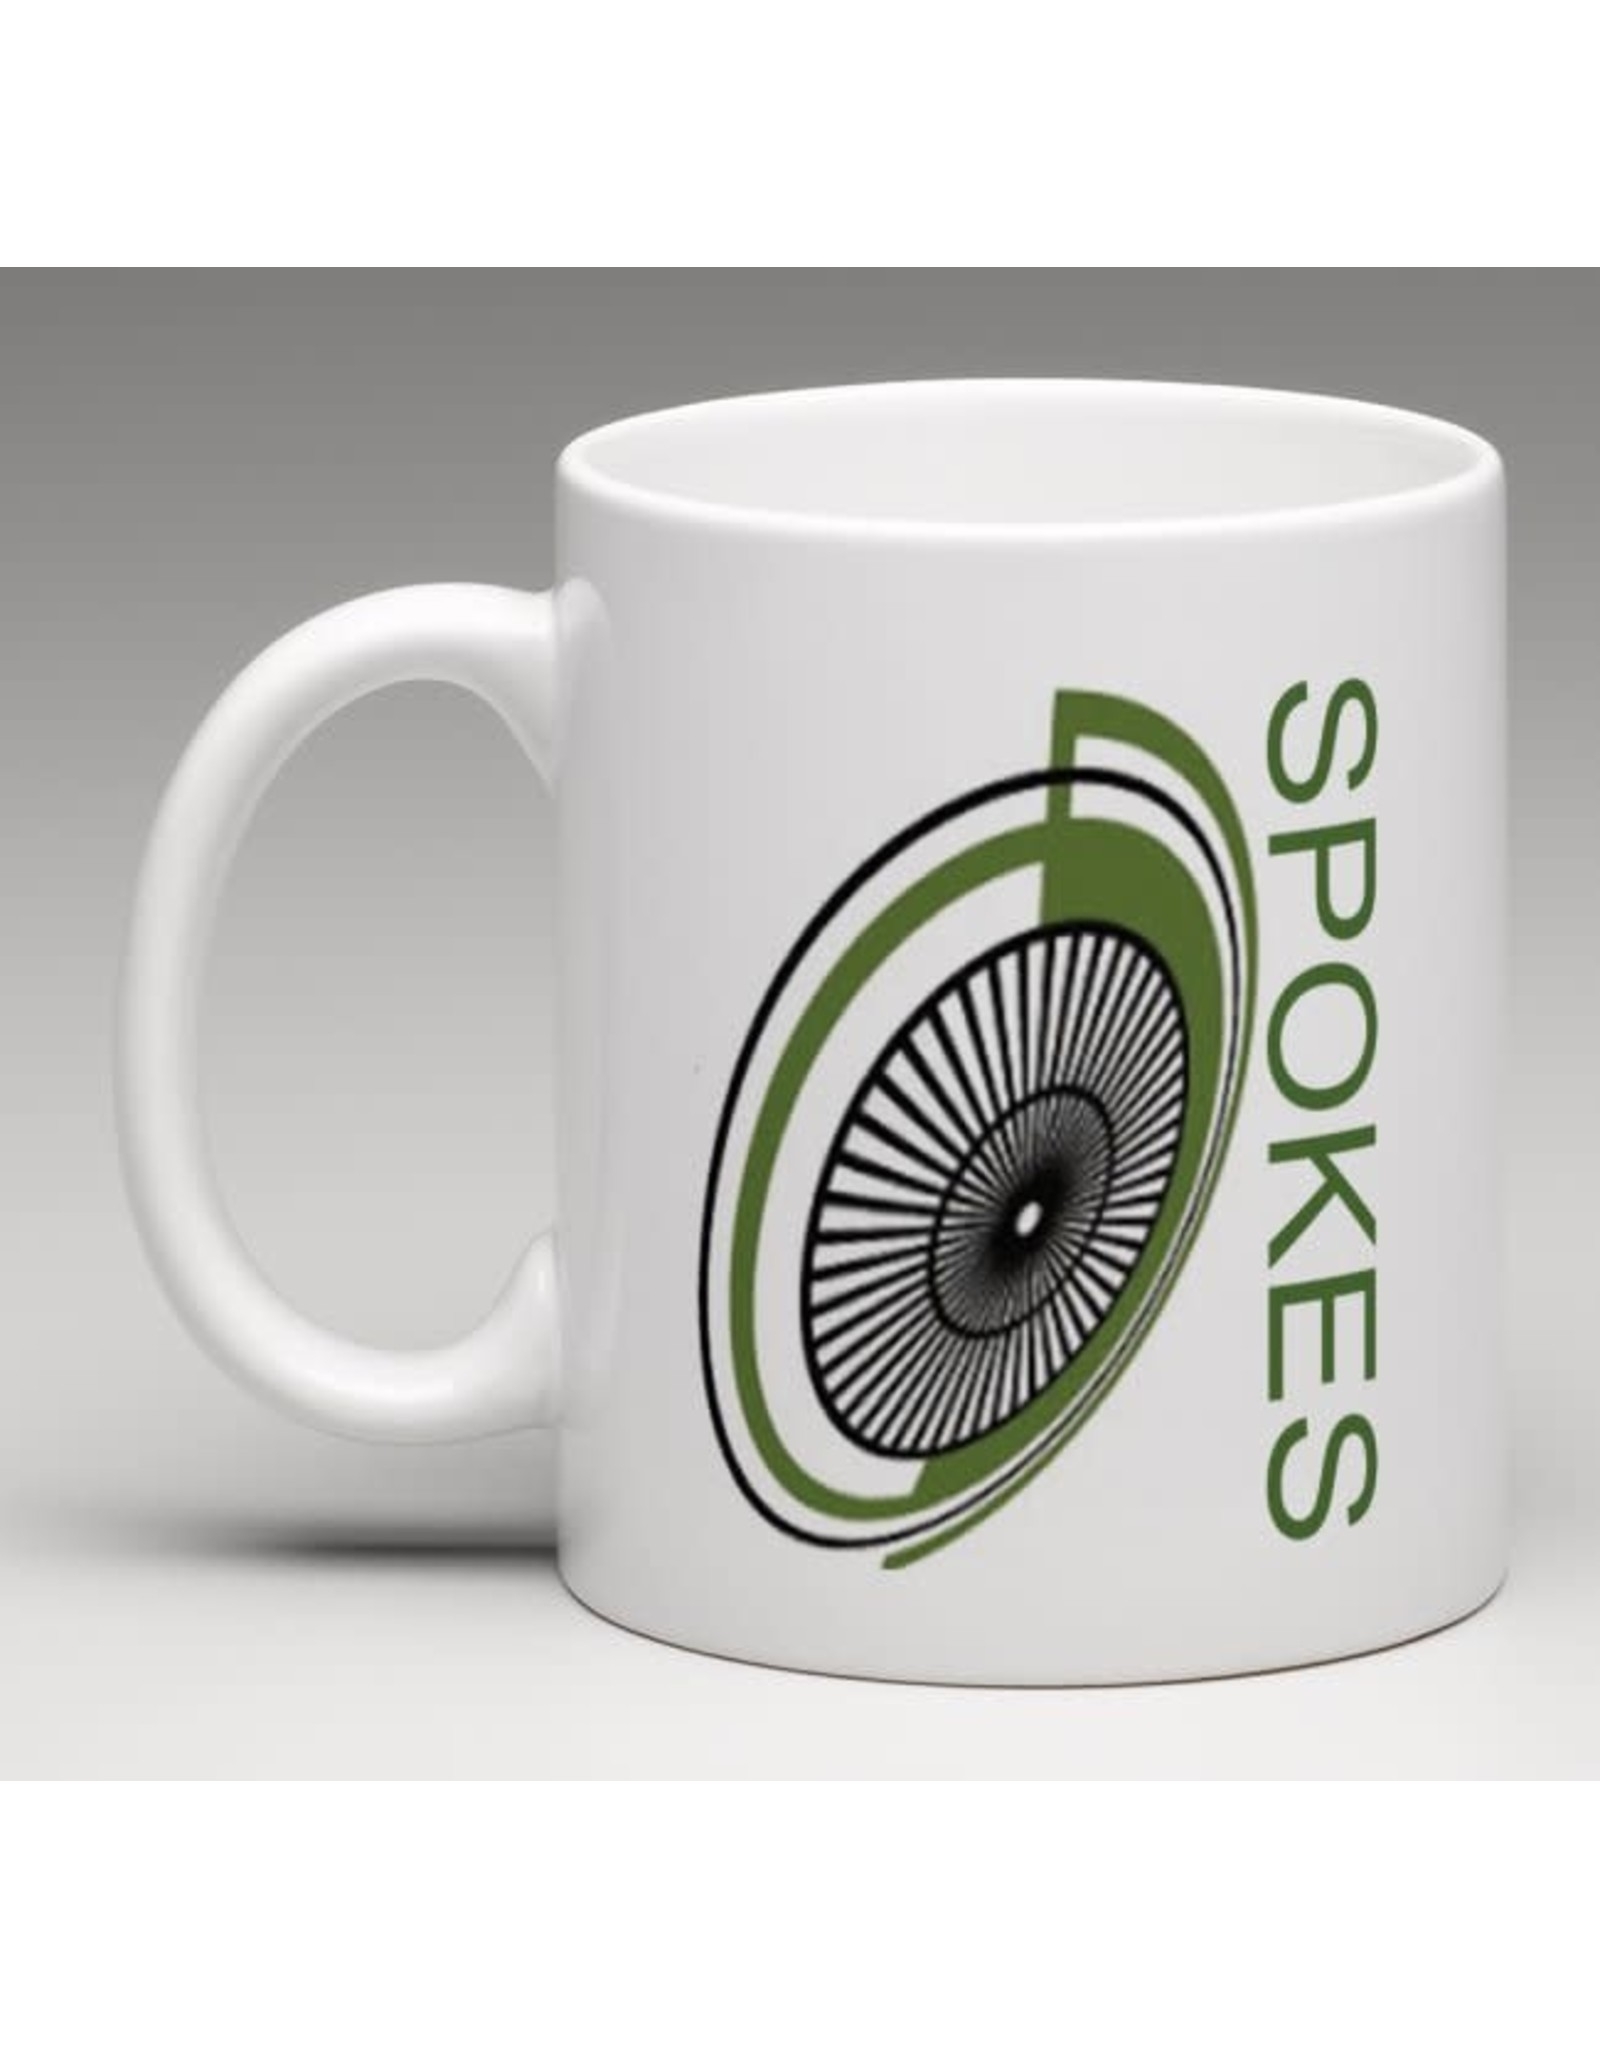 SPOKES SPOKES LOGO Mug